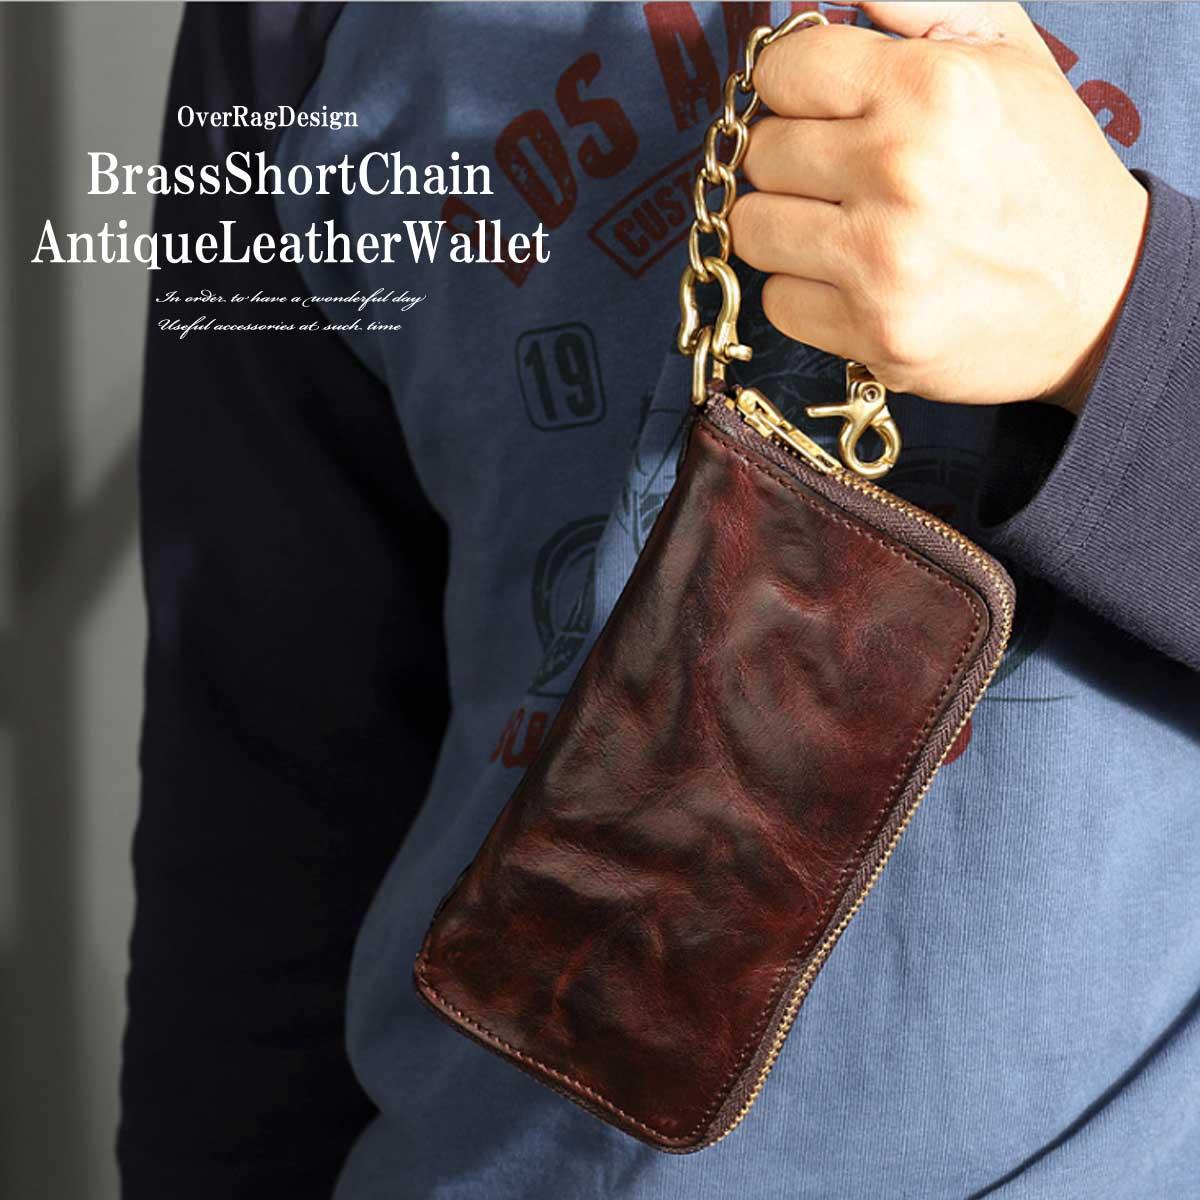 メンズウォレット メンズ財布 長財布 真鍮ウォレットチェーン付き ウォレット ロング財布 本革レザー ウォレットチェーン ロングウォレット レザー アメカジ かっこいい カード シンプル ギフト 大人 高校生